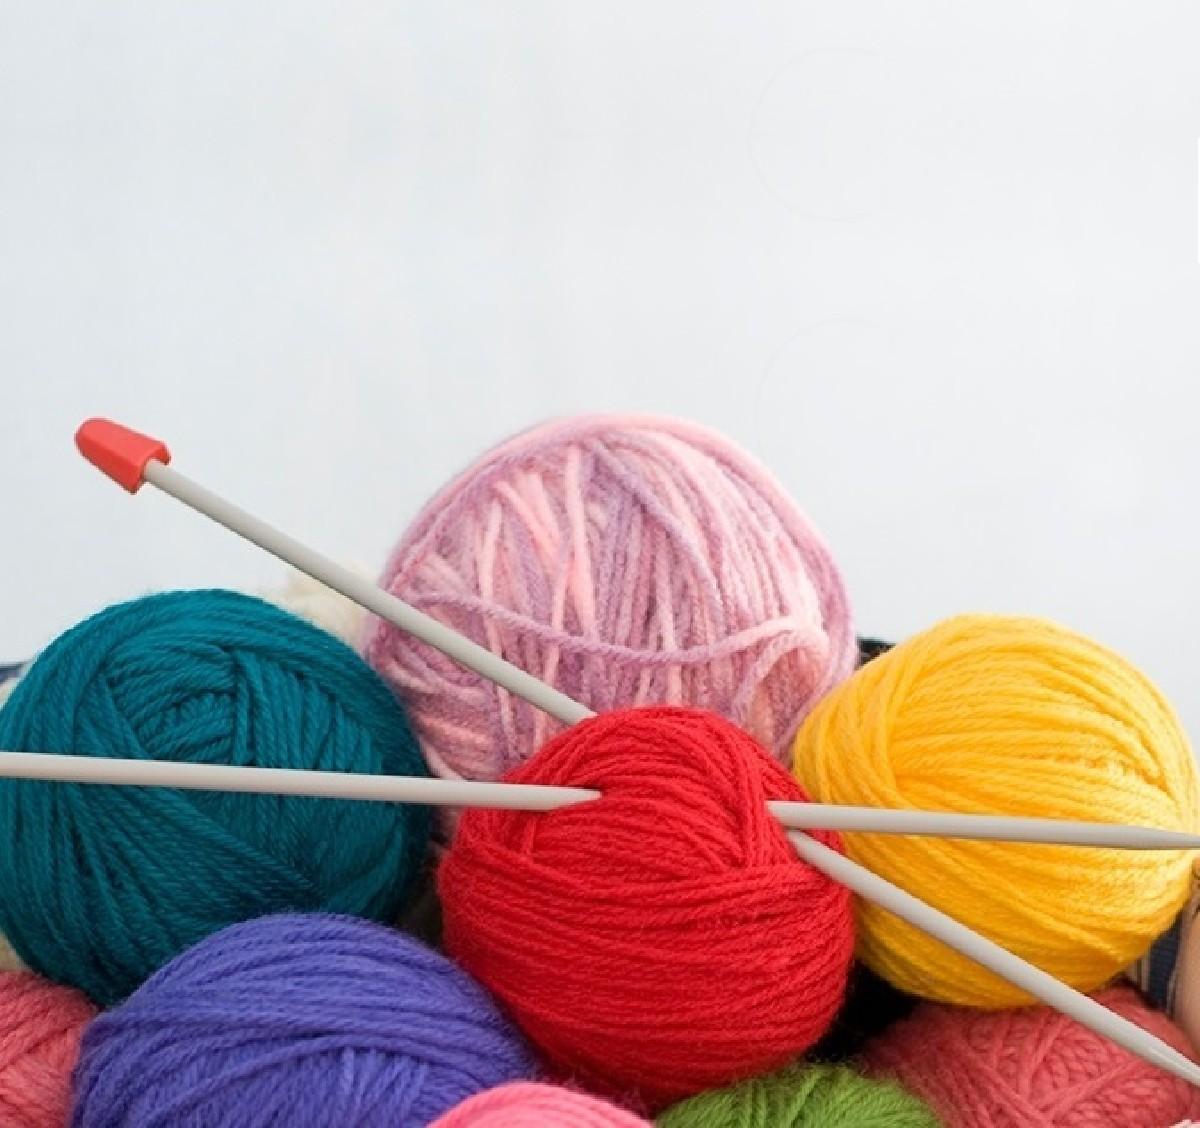 Gomitoli di lana e ferri per lavorare a maglia da donare per un corso a135cc32a93a